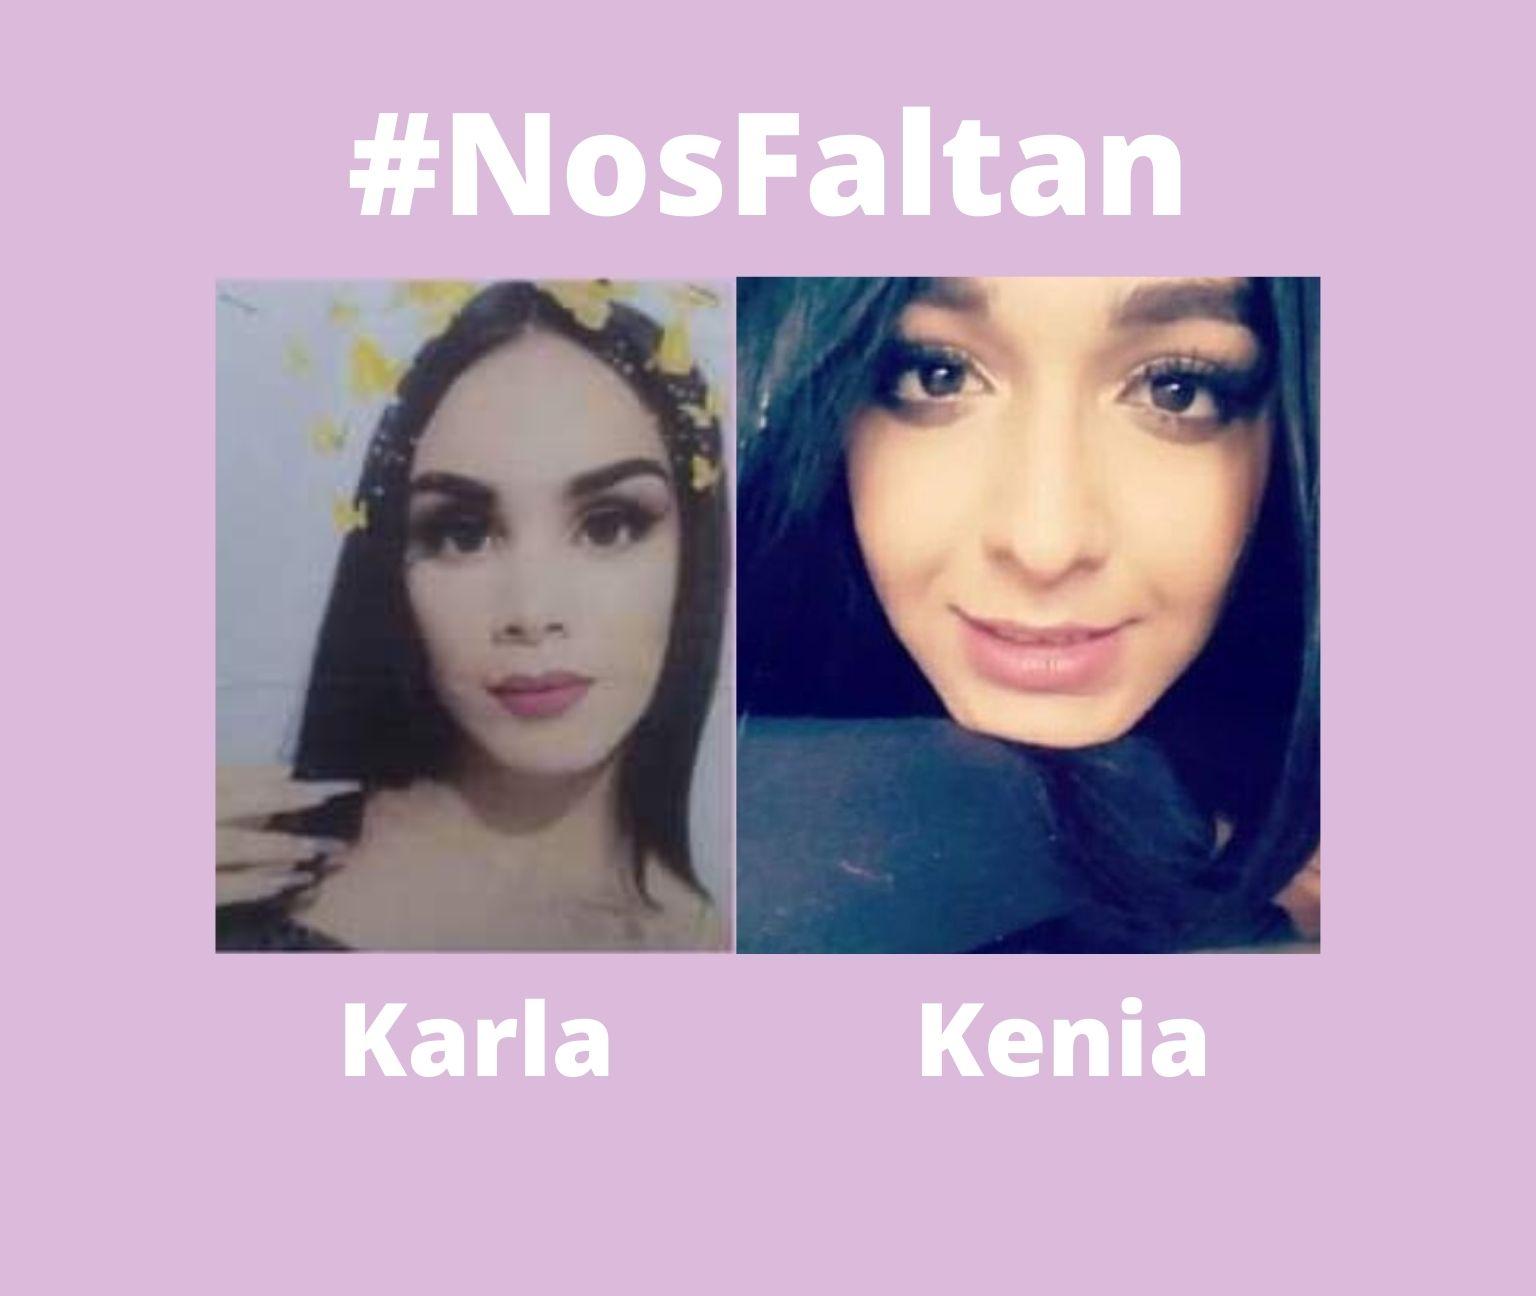 Naciones Unidas exhorta al Estado mexicano a buscar y localizar a dos mujeres trans desaparecidas en el estado de Jalisco